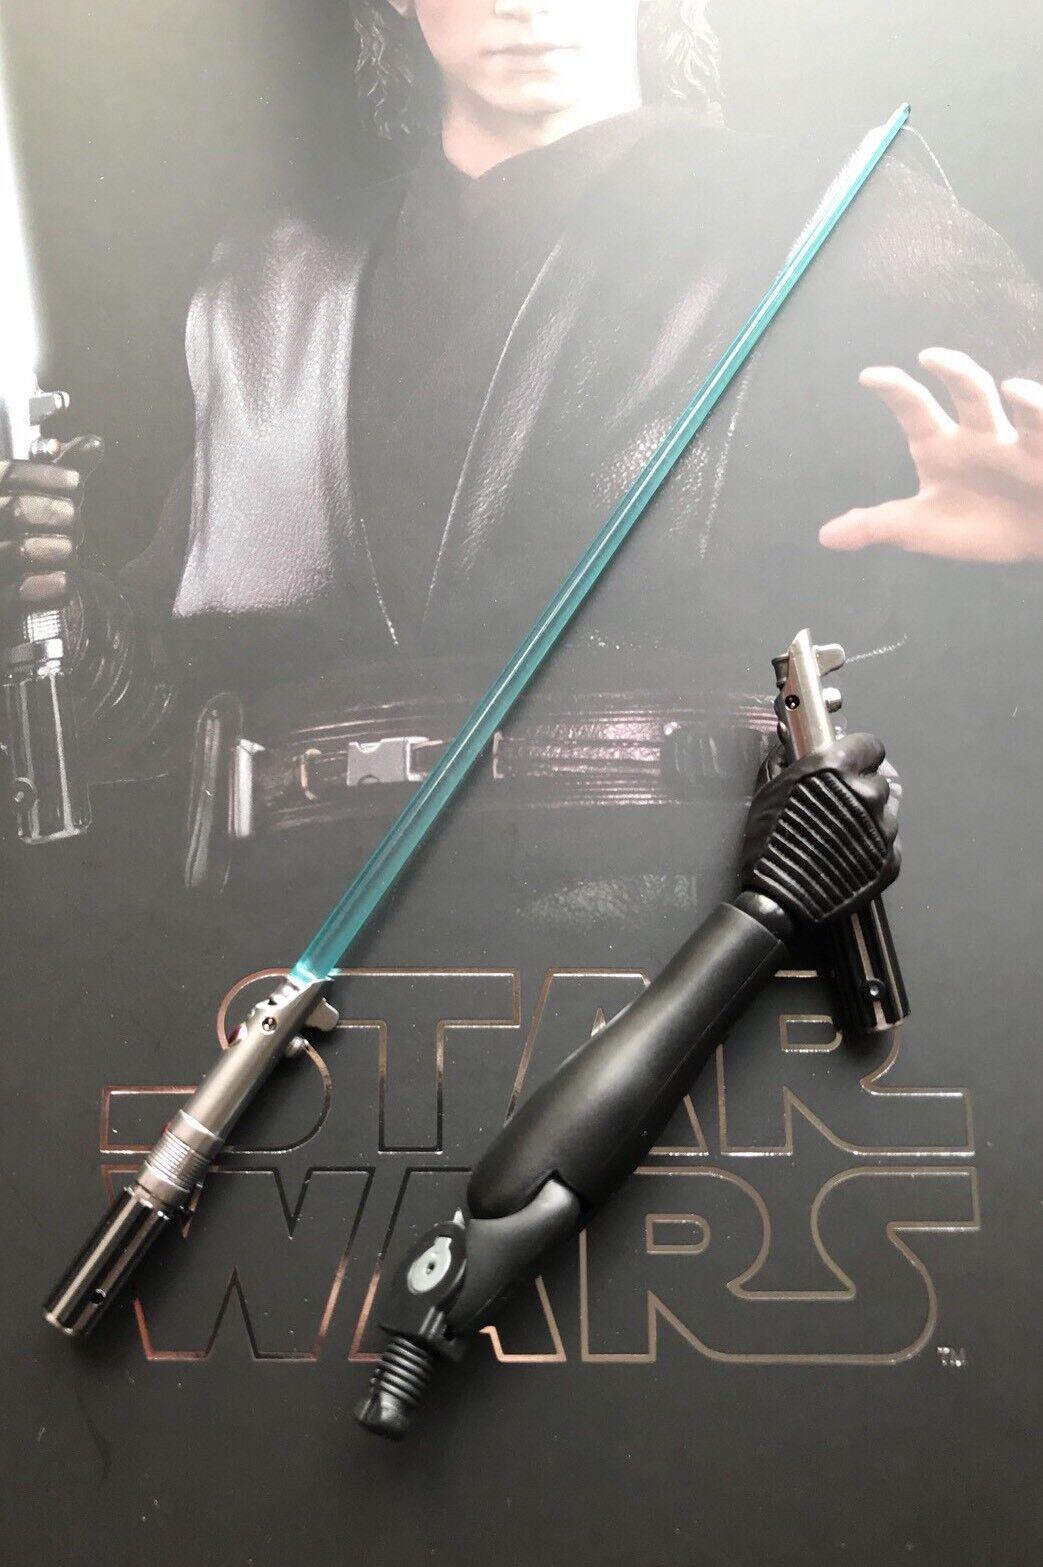 Heißes spielzeug mms437 rache der sith anakin skywalker, 1   6 lichtschwert w   arm